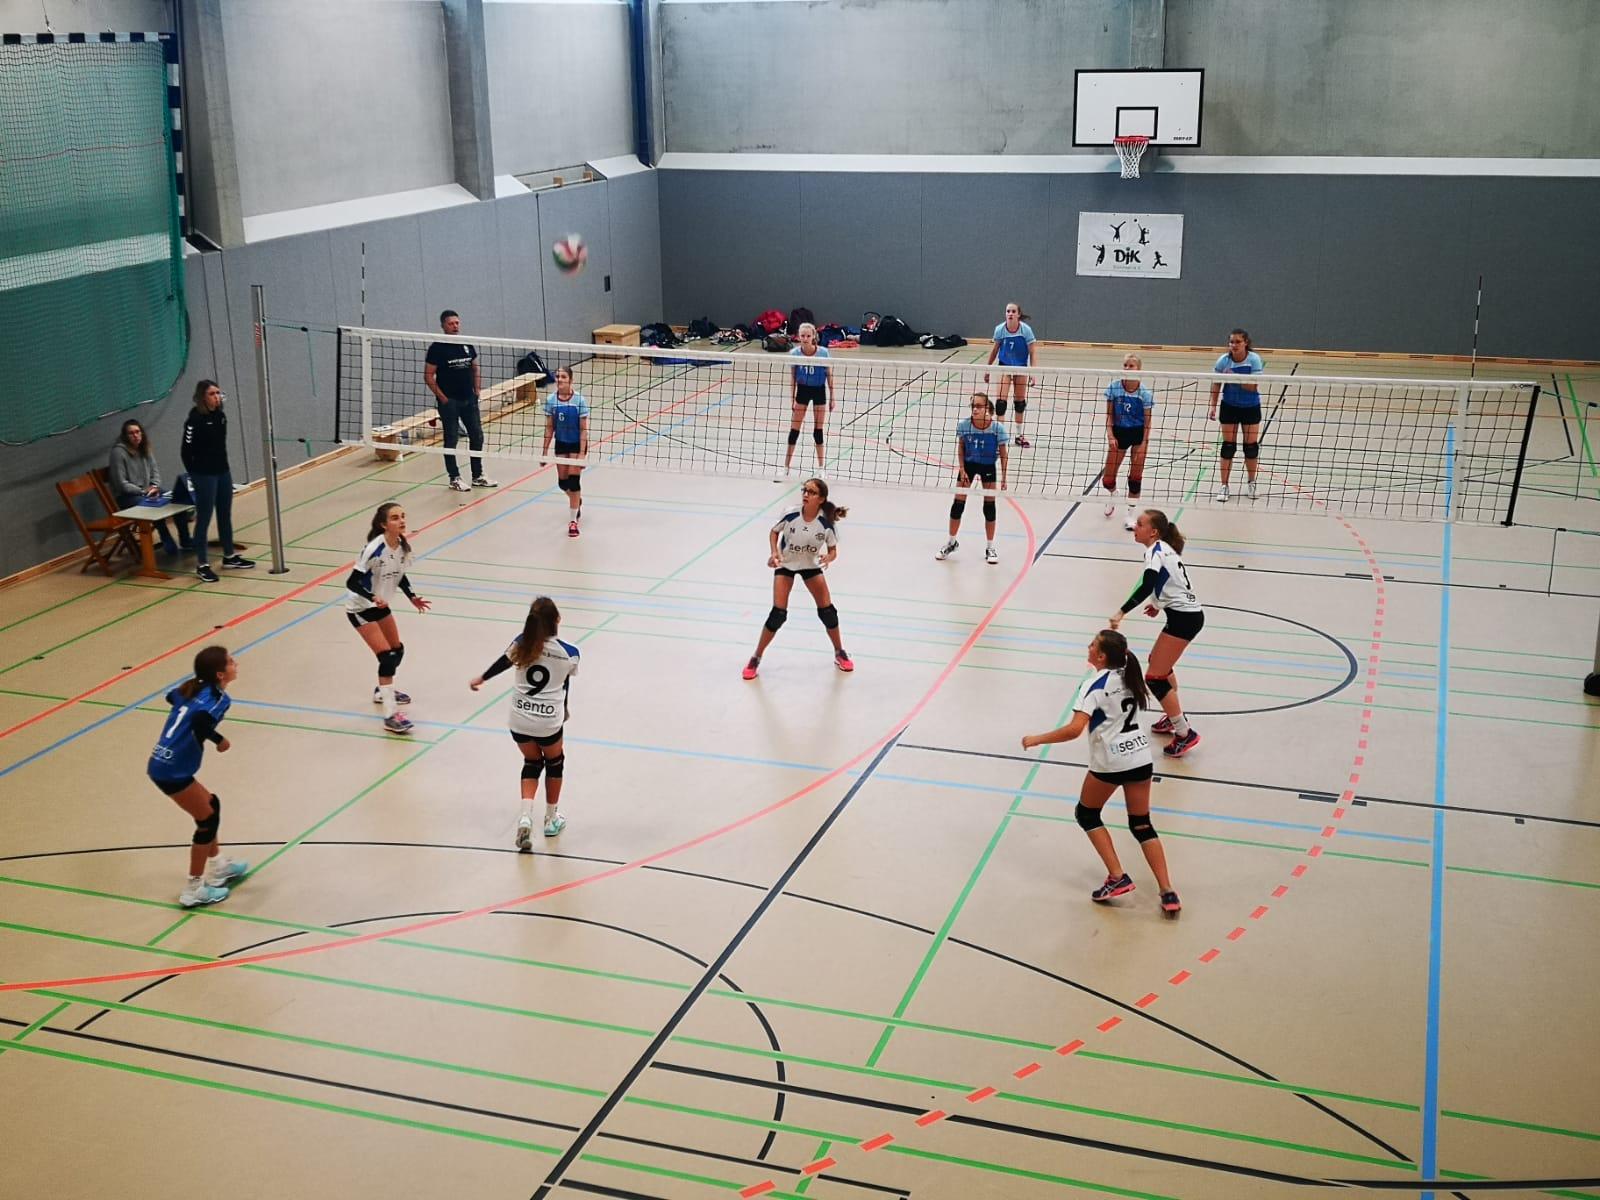 wU16 – Oberliga 5 – Starkes erstes Spiel lähmt Mädels gleiche Leistung gegen Werne abzurufen